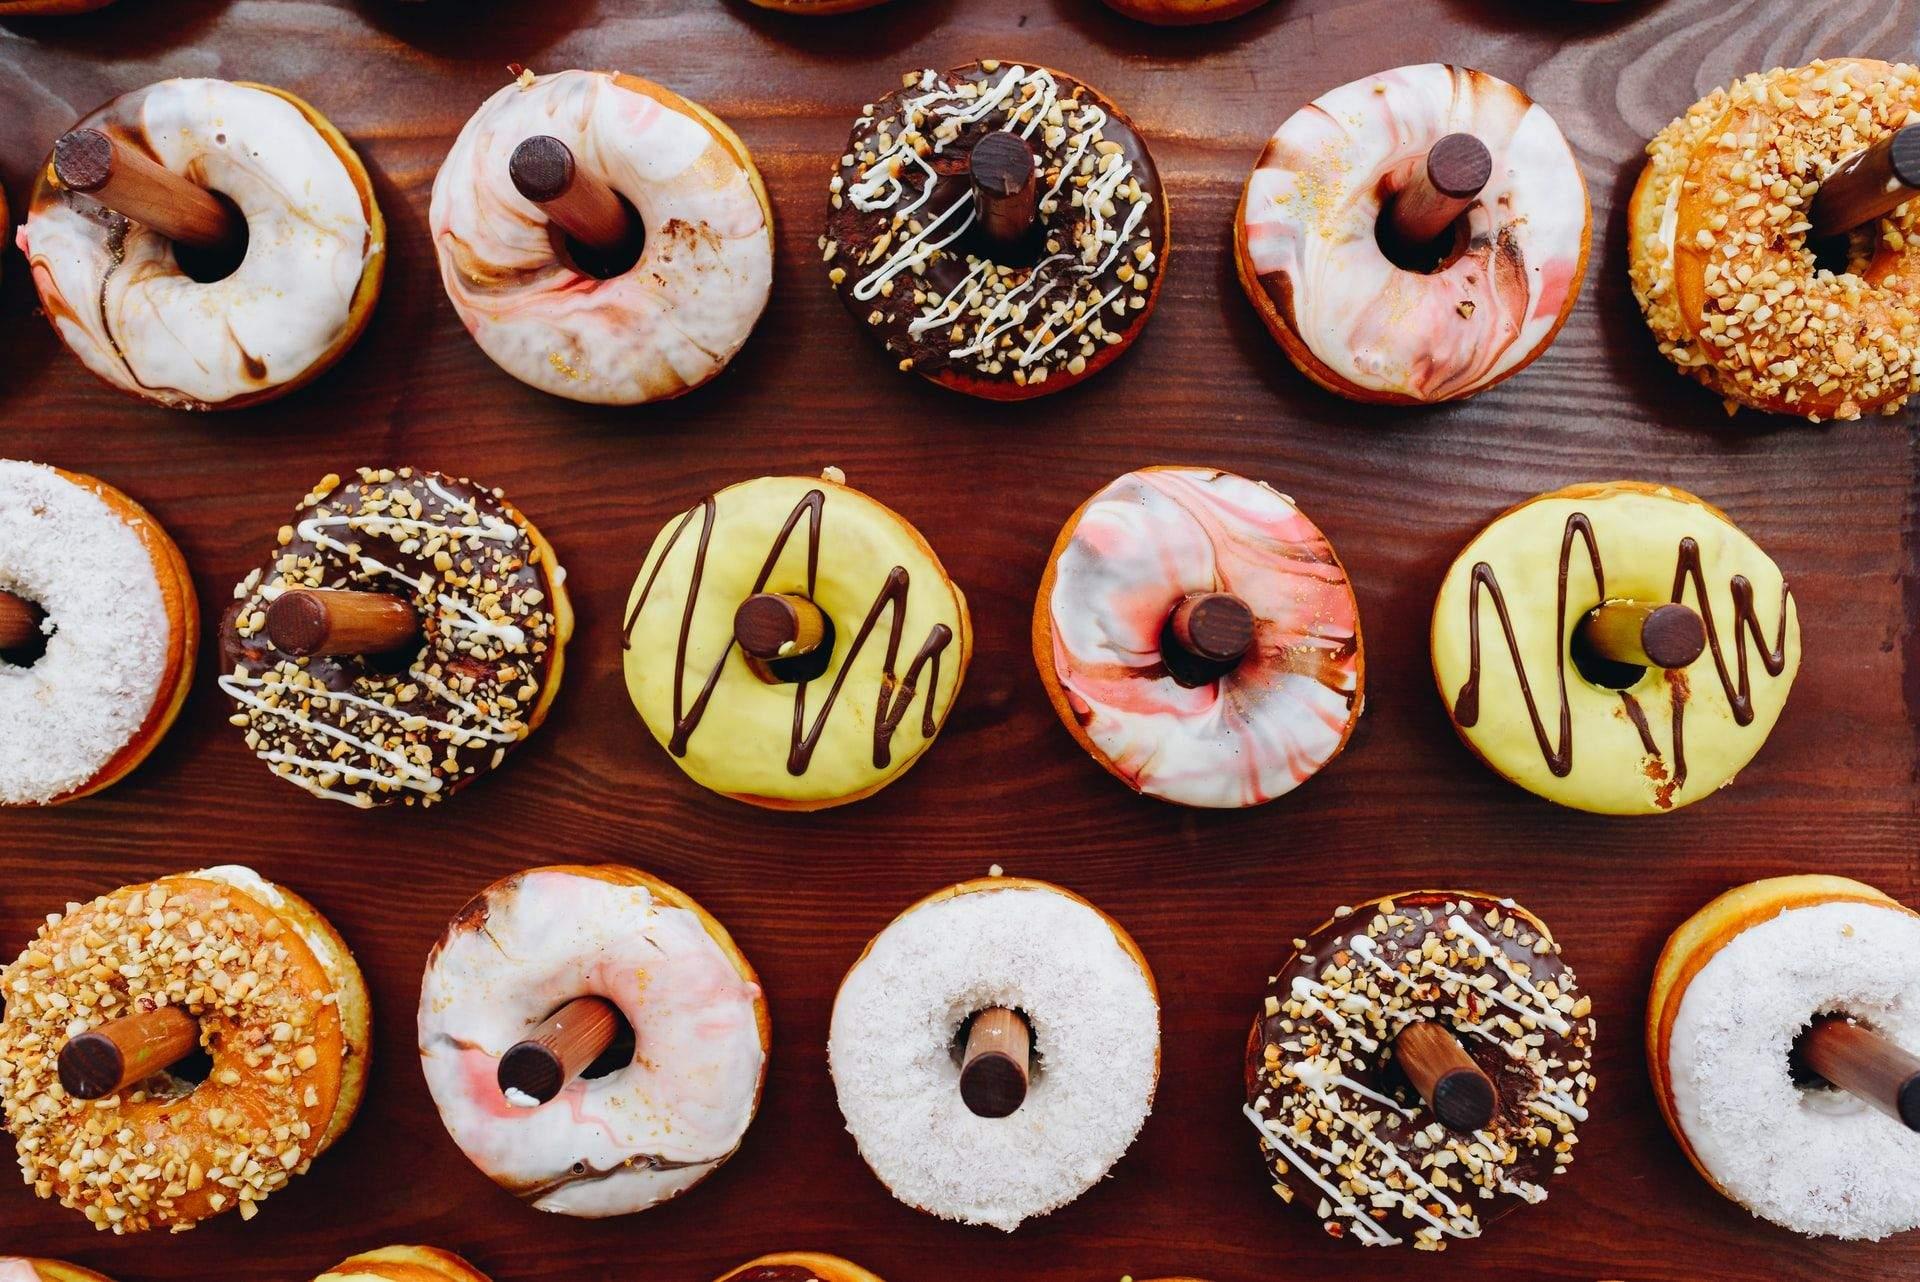 Подсчет калорий - залог похудения